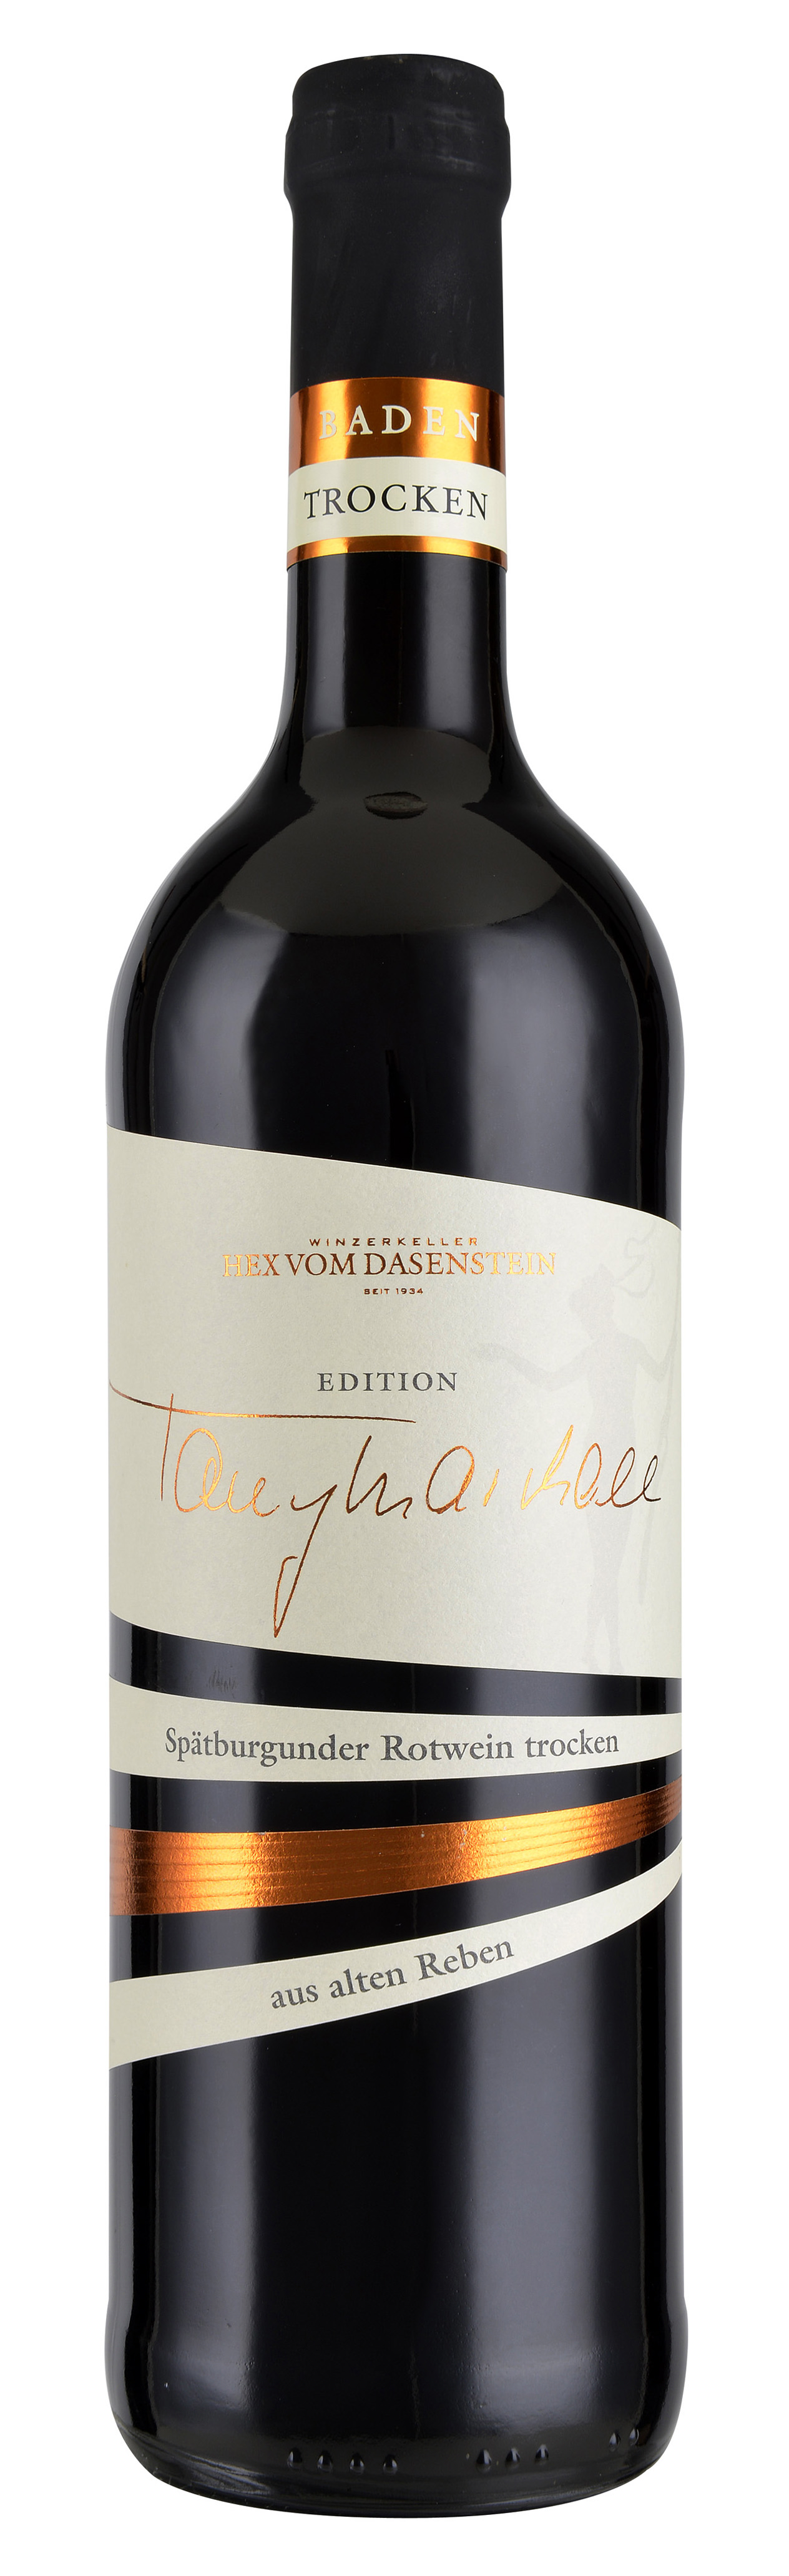 Hex vom Dasenstein TONY MARSHALL, Spätburgunder ALTE REBE Qualitätswein trocken